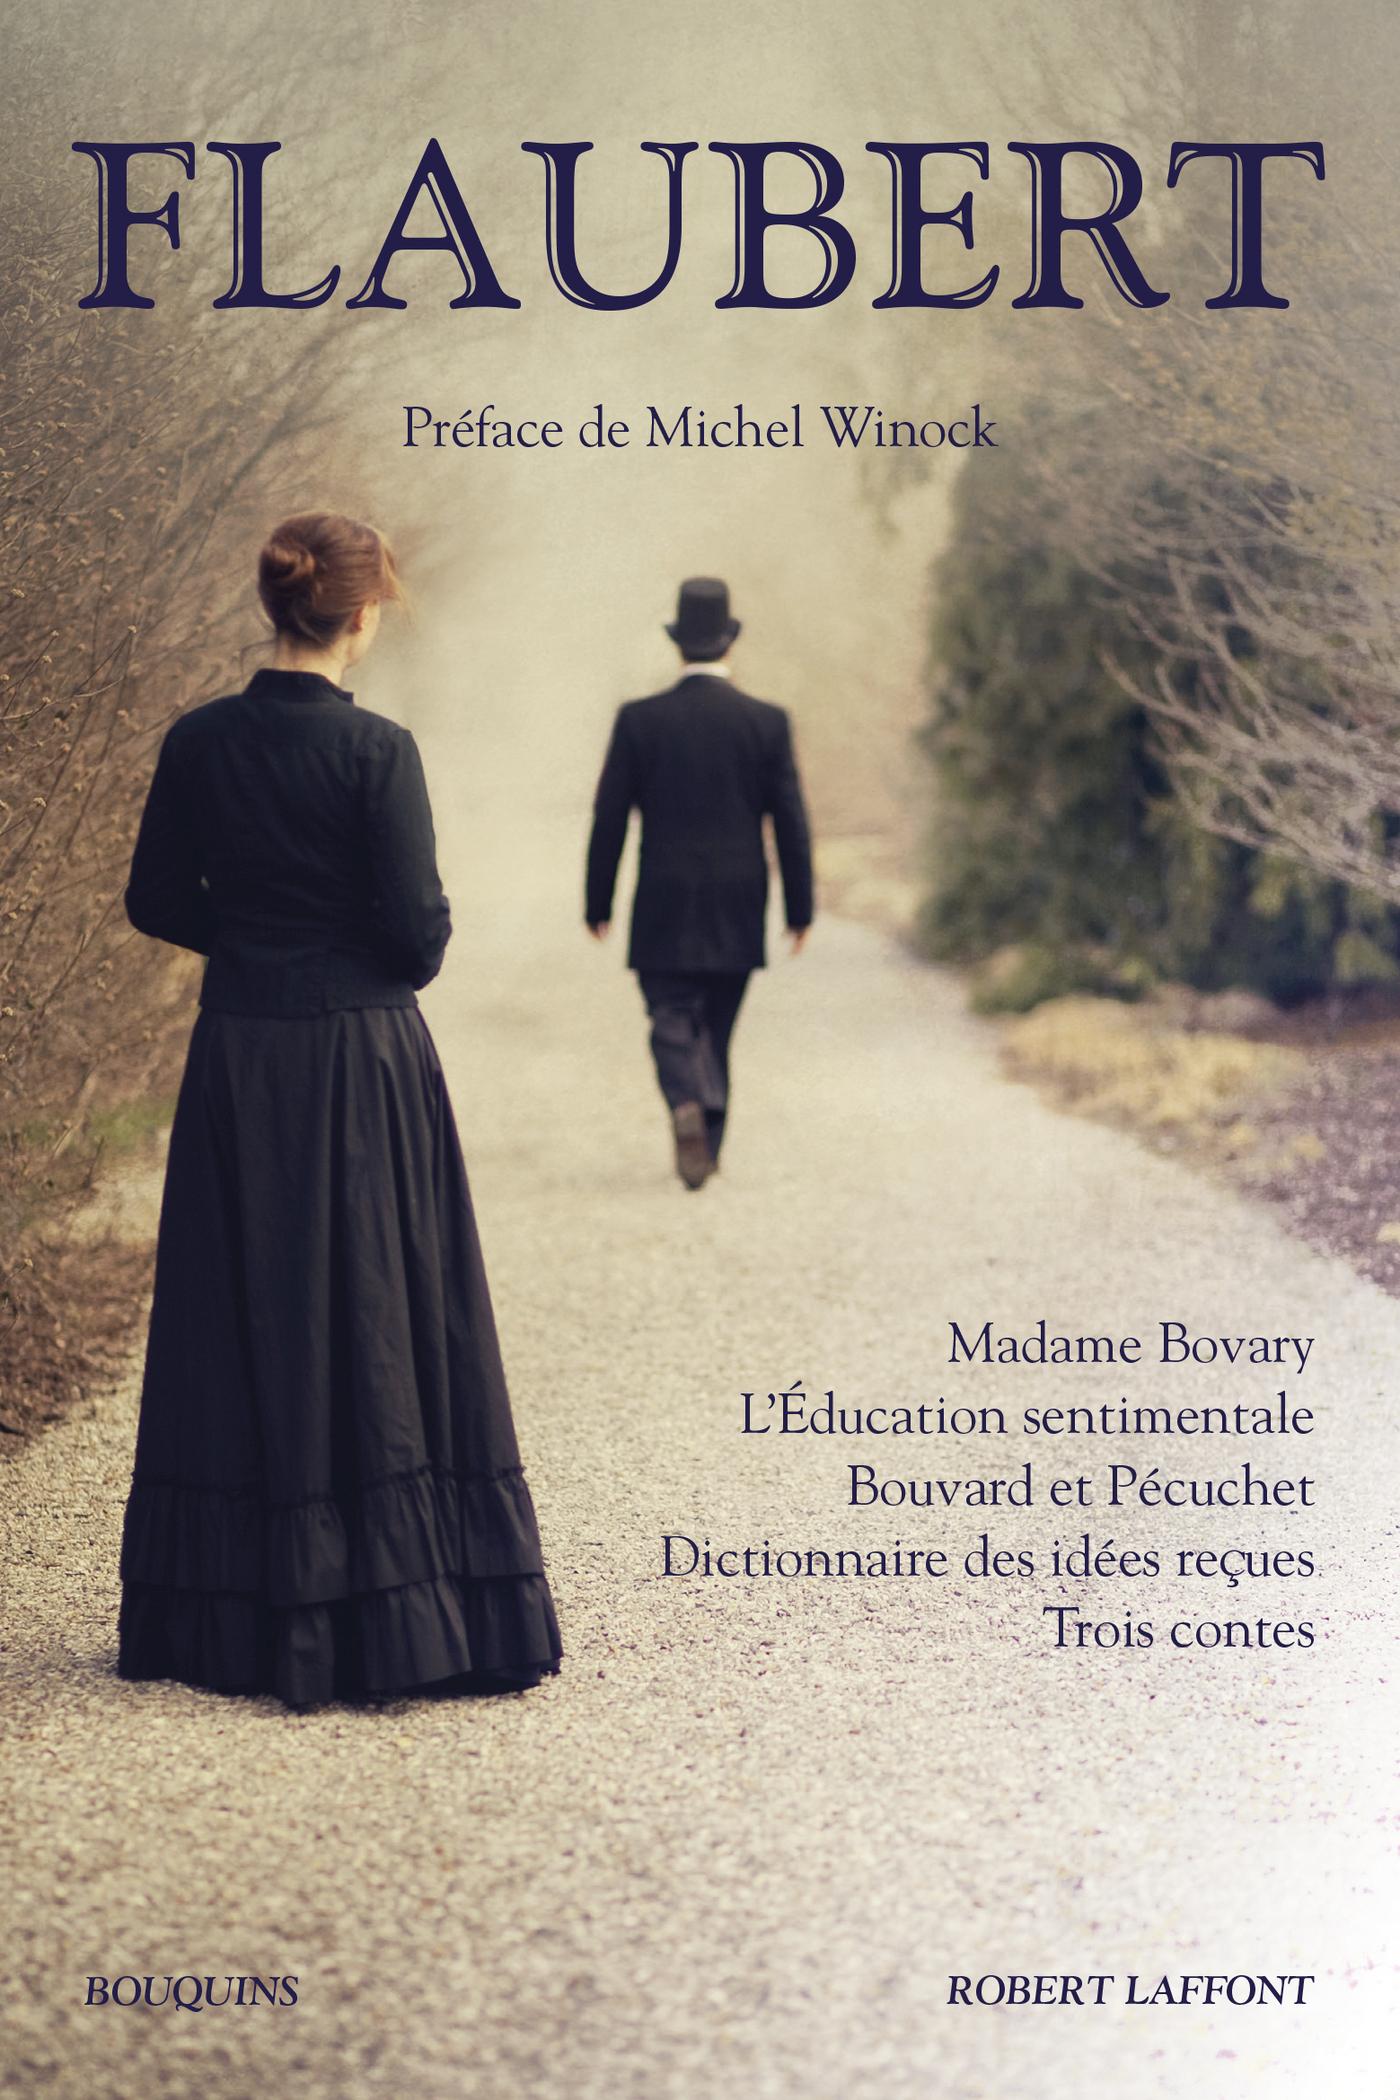 Madame Bovary - L'Éducation sentimentale - Bouvard et Pécuchet - Dictionnaire des idées reçues - Tro